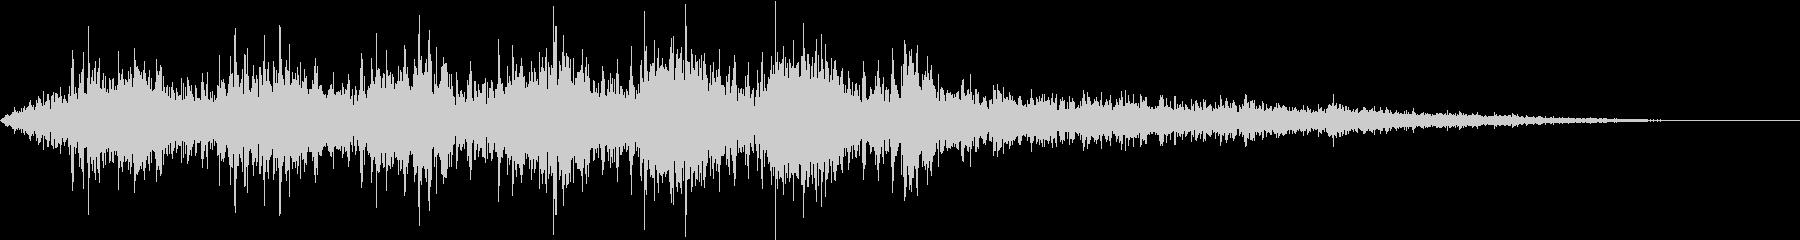 【生録音】電車が通る音 京王線1の未再生の波形